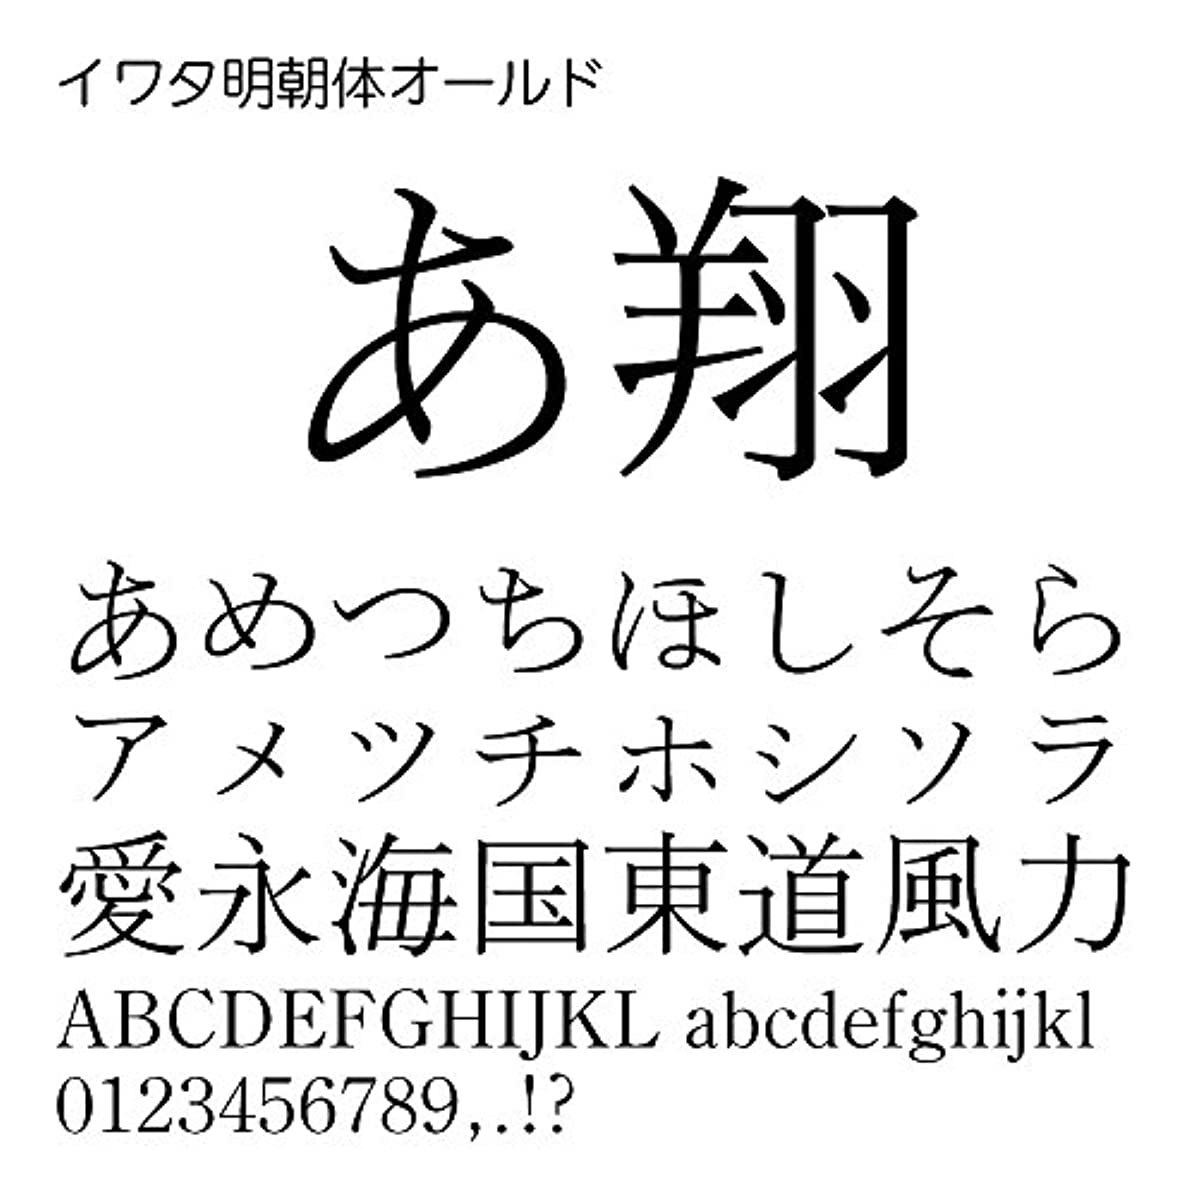 トイレ成功する腐敗イワタ明朝体オールドStd OpenType Font for Windows [ダウンロード]